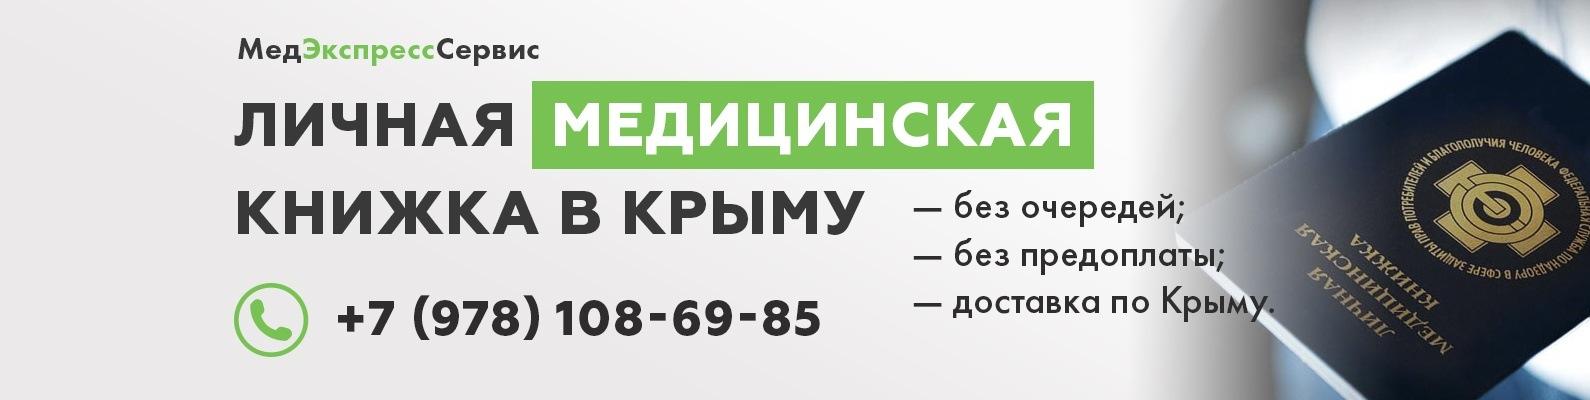 Купить готовую медицинскую книжку в Жуковске